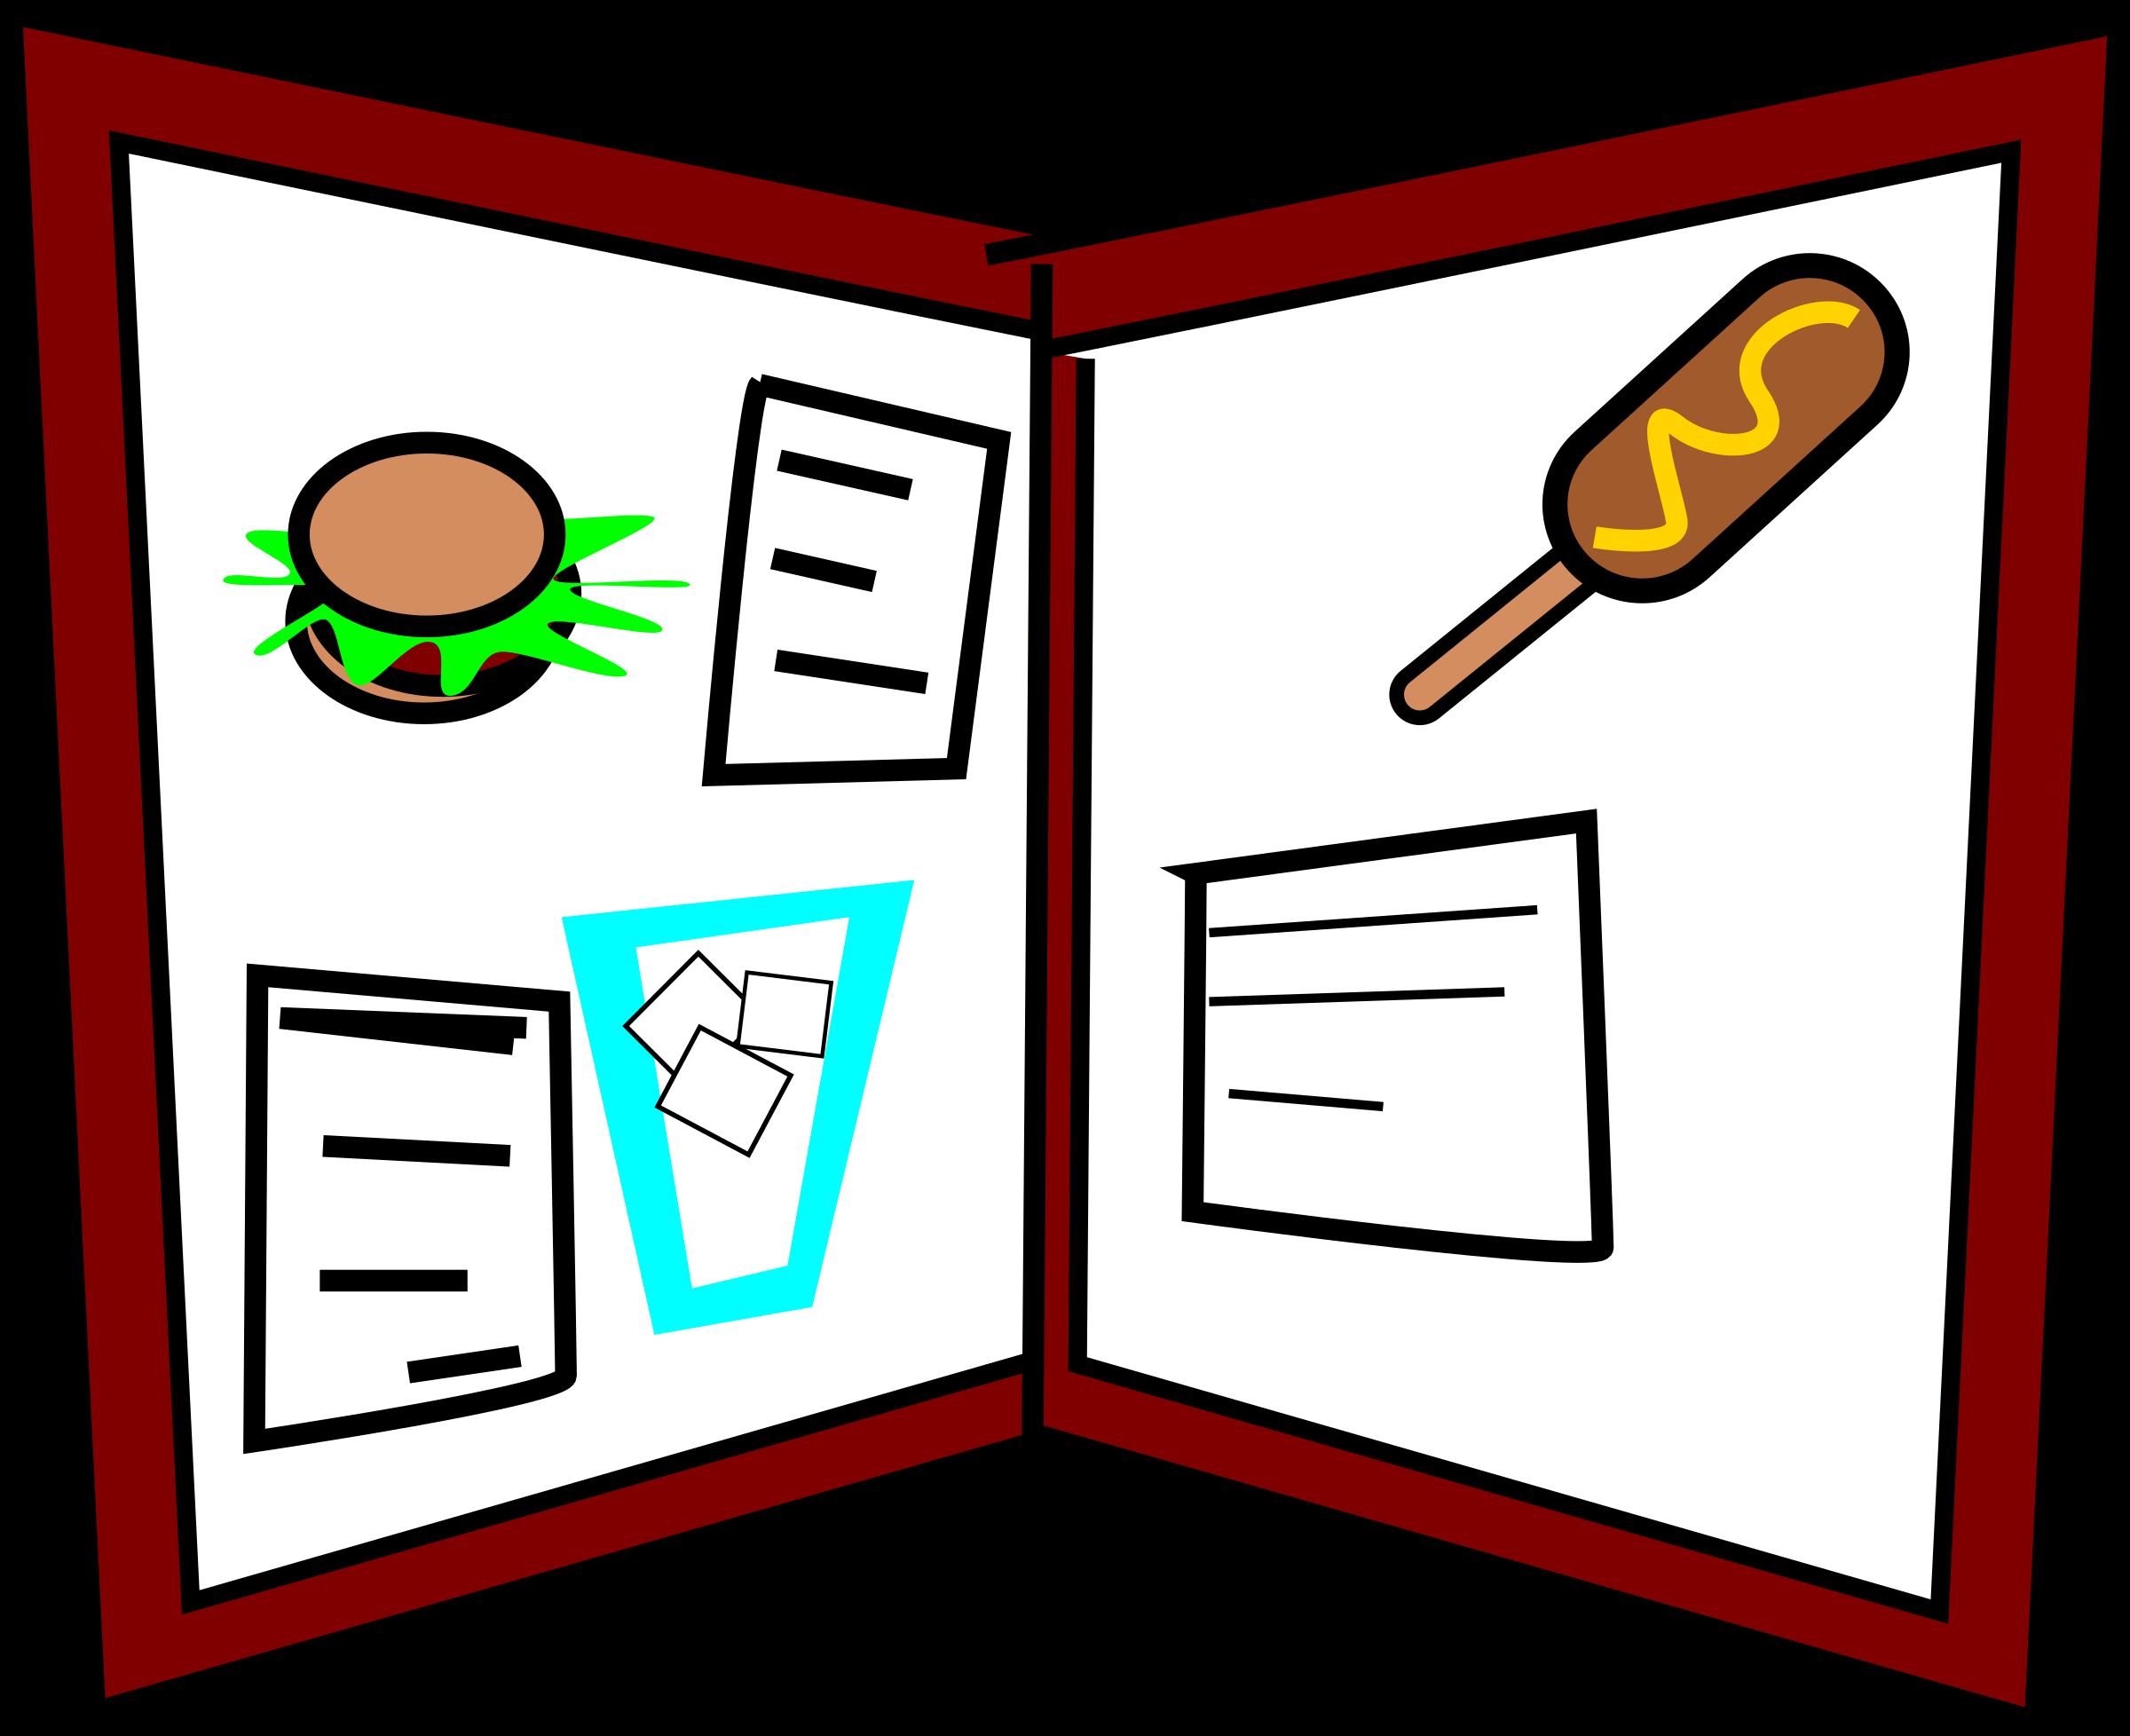 Menu clipart #6, Download drawings